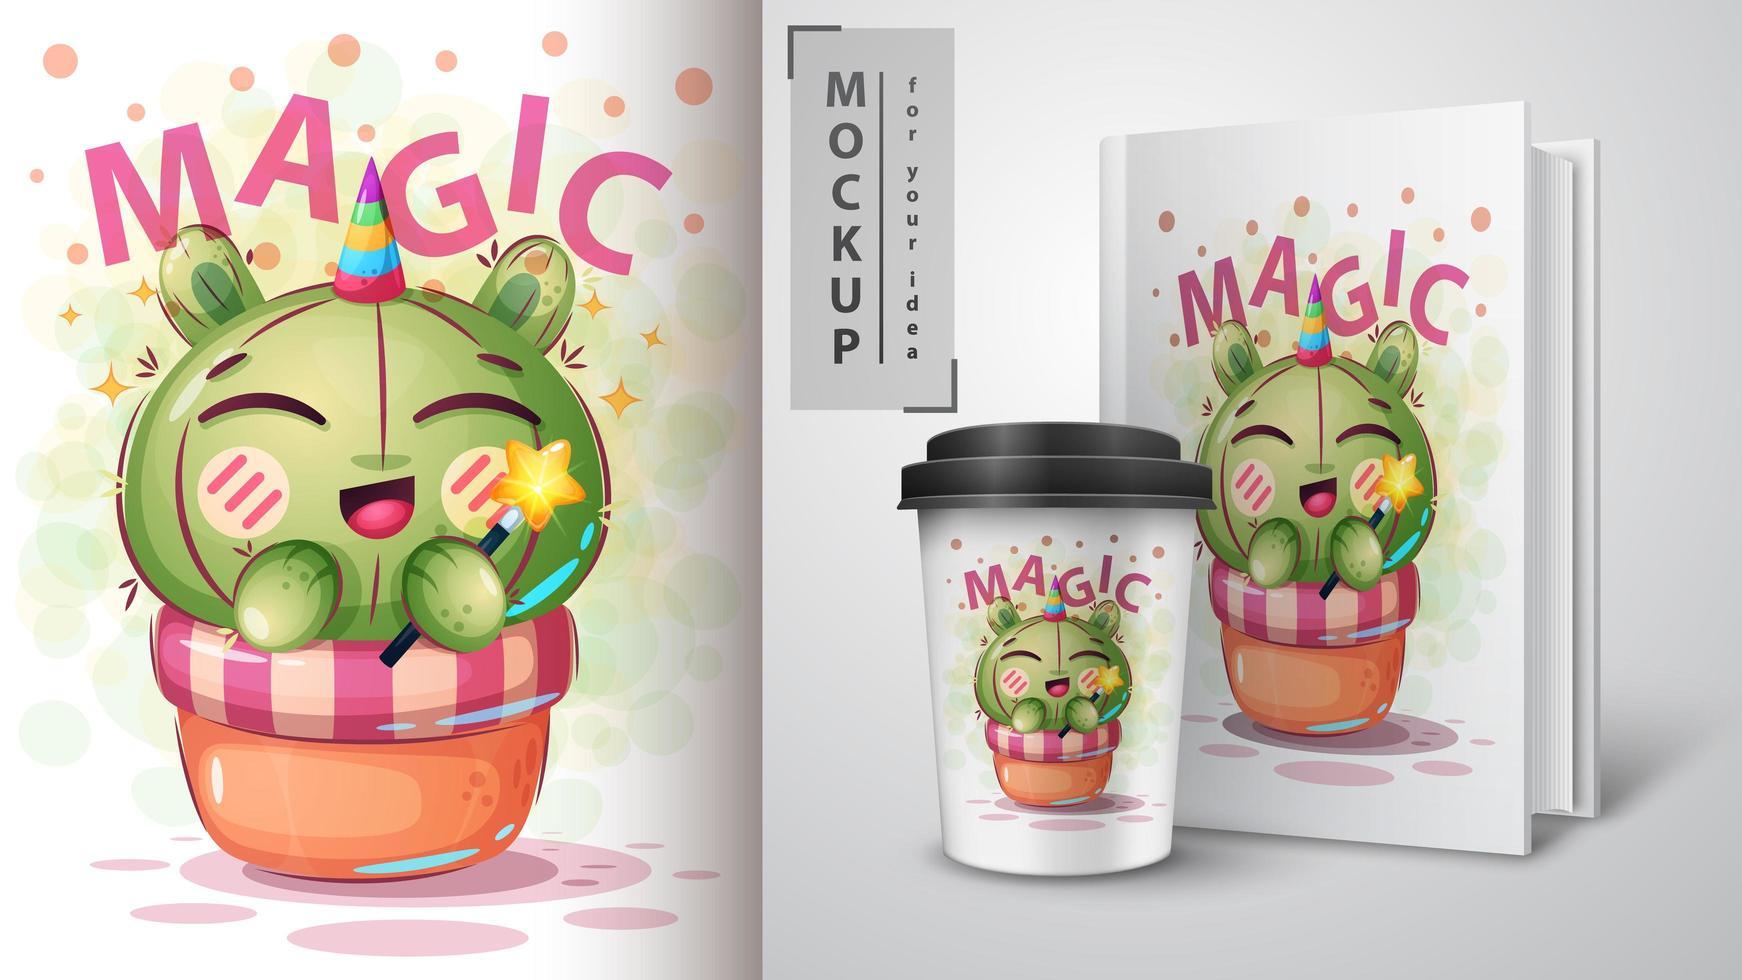 disegno di cactus unicorno magico del fumetto vettore